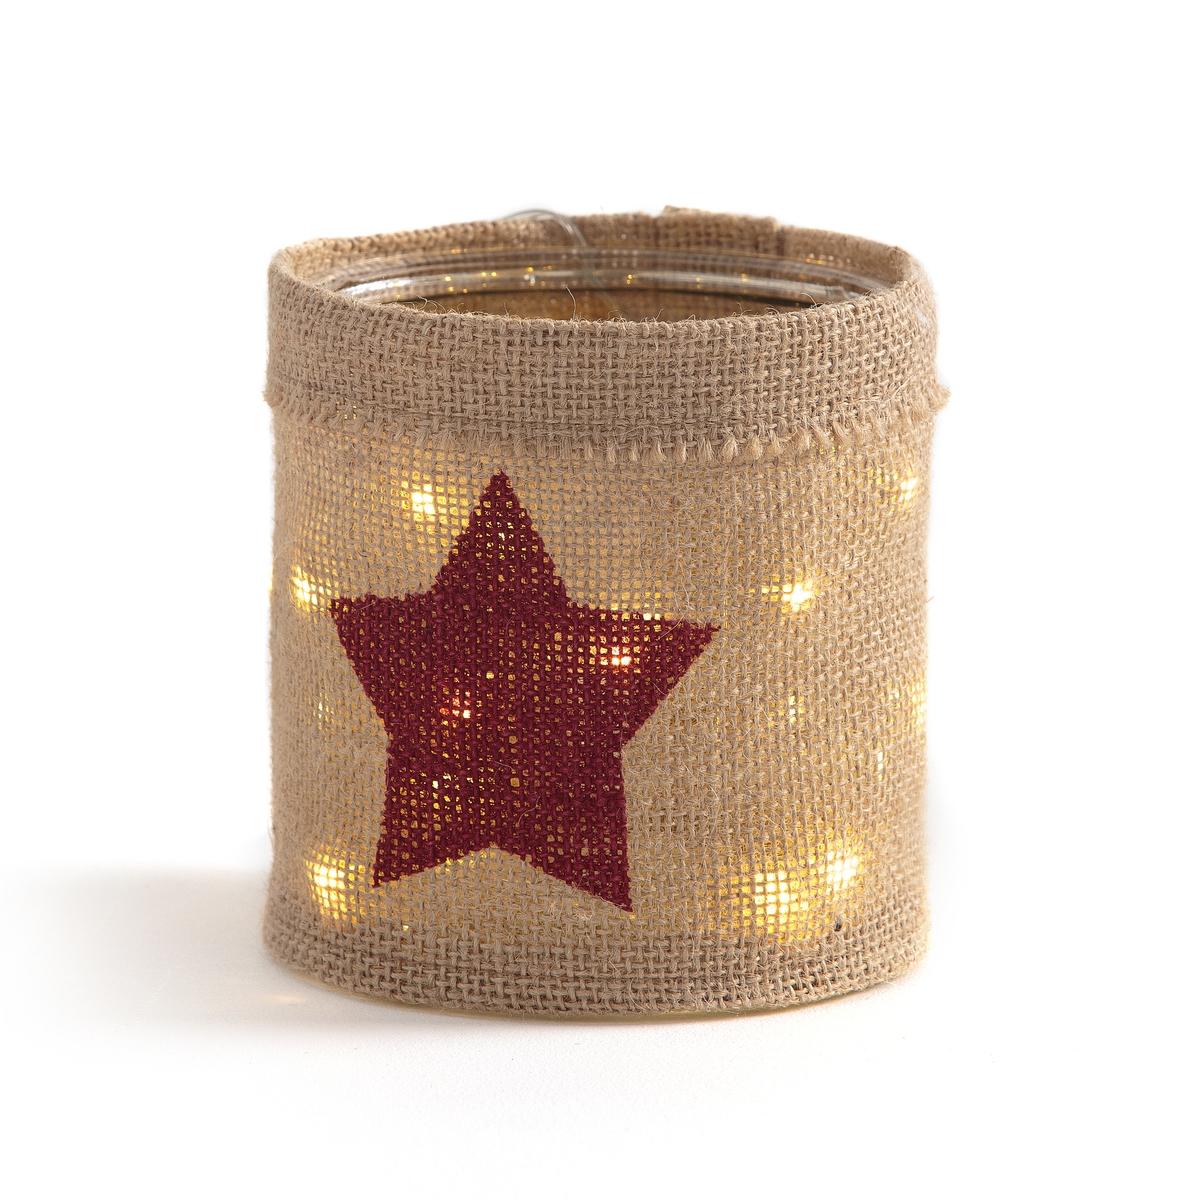 Светильник новогодний, ADARAОписание:Новогодний светильник, ADARA. Создайте новогоднюю волшебную феерию в вашем доме!Характеристики :Материал : прозрачный стакан, покрытый джутовой тканью с украшение в виде цветной звездыГирлянда из 20 микро светодиодов  внутри стакана и джутовая тканьРаботает от 2 батарей LR6 типа AA мощностью 1,5 В, продаются отдельноРазмеры : В.13 x 12 x 12 см<br><br>Цвет: экрю/ красный